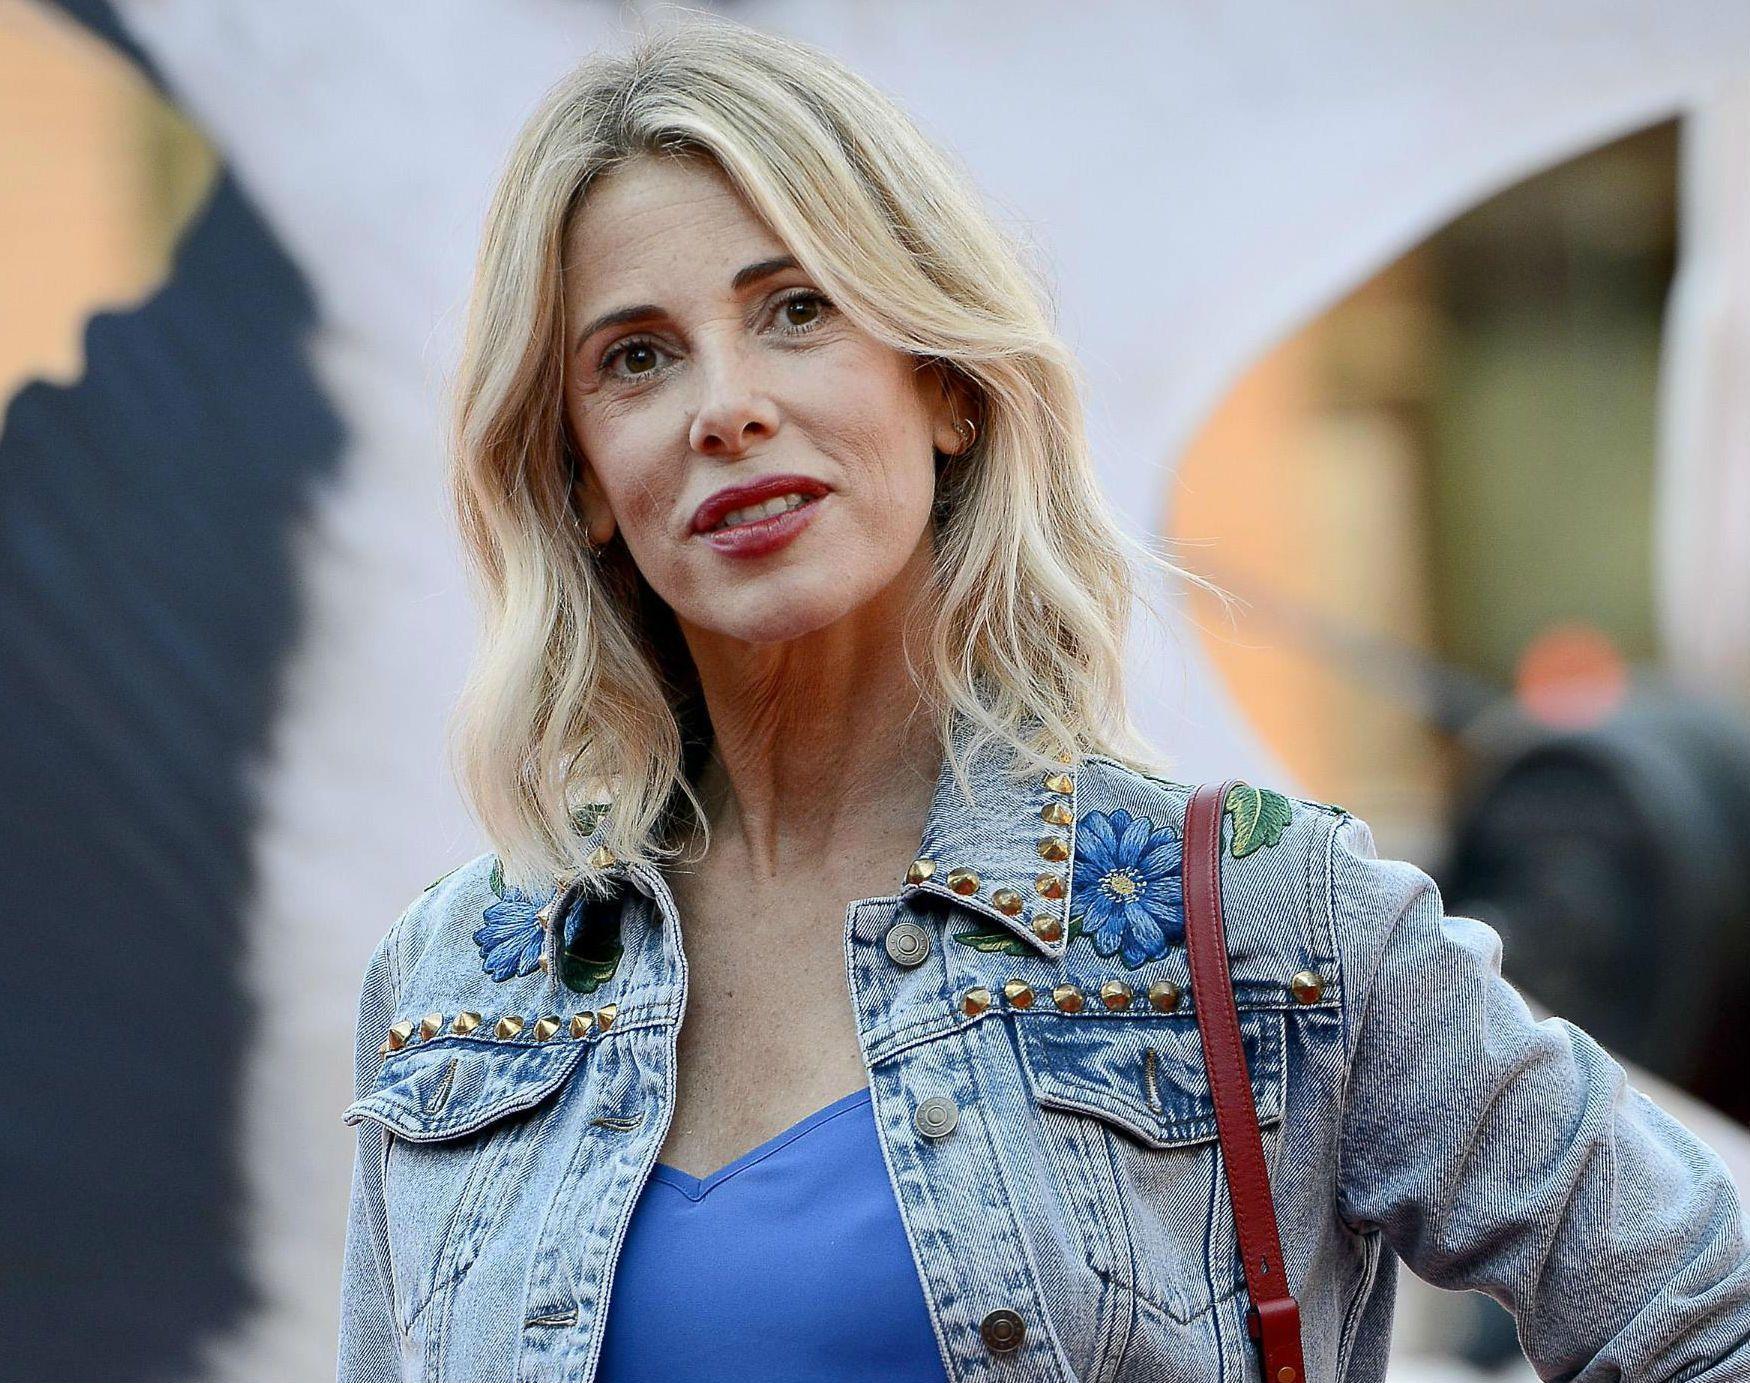 Alessia Marcuzzi è in crisi con il marito Paolo Calabresi Marconi? La smentita